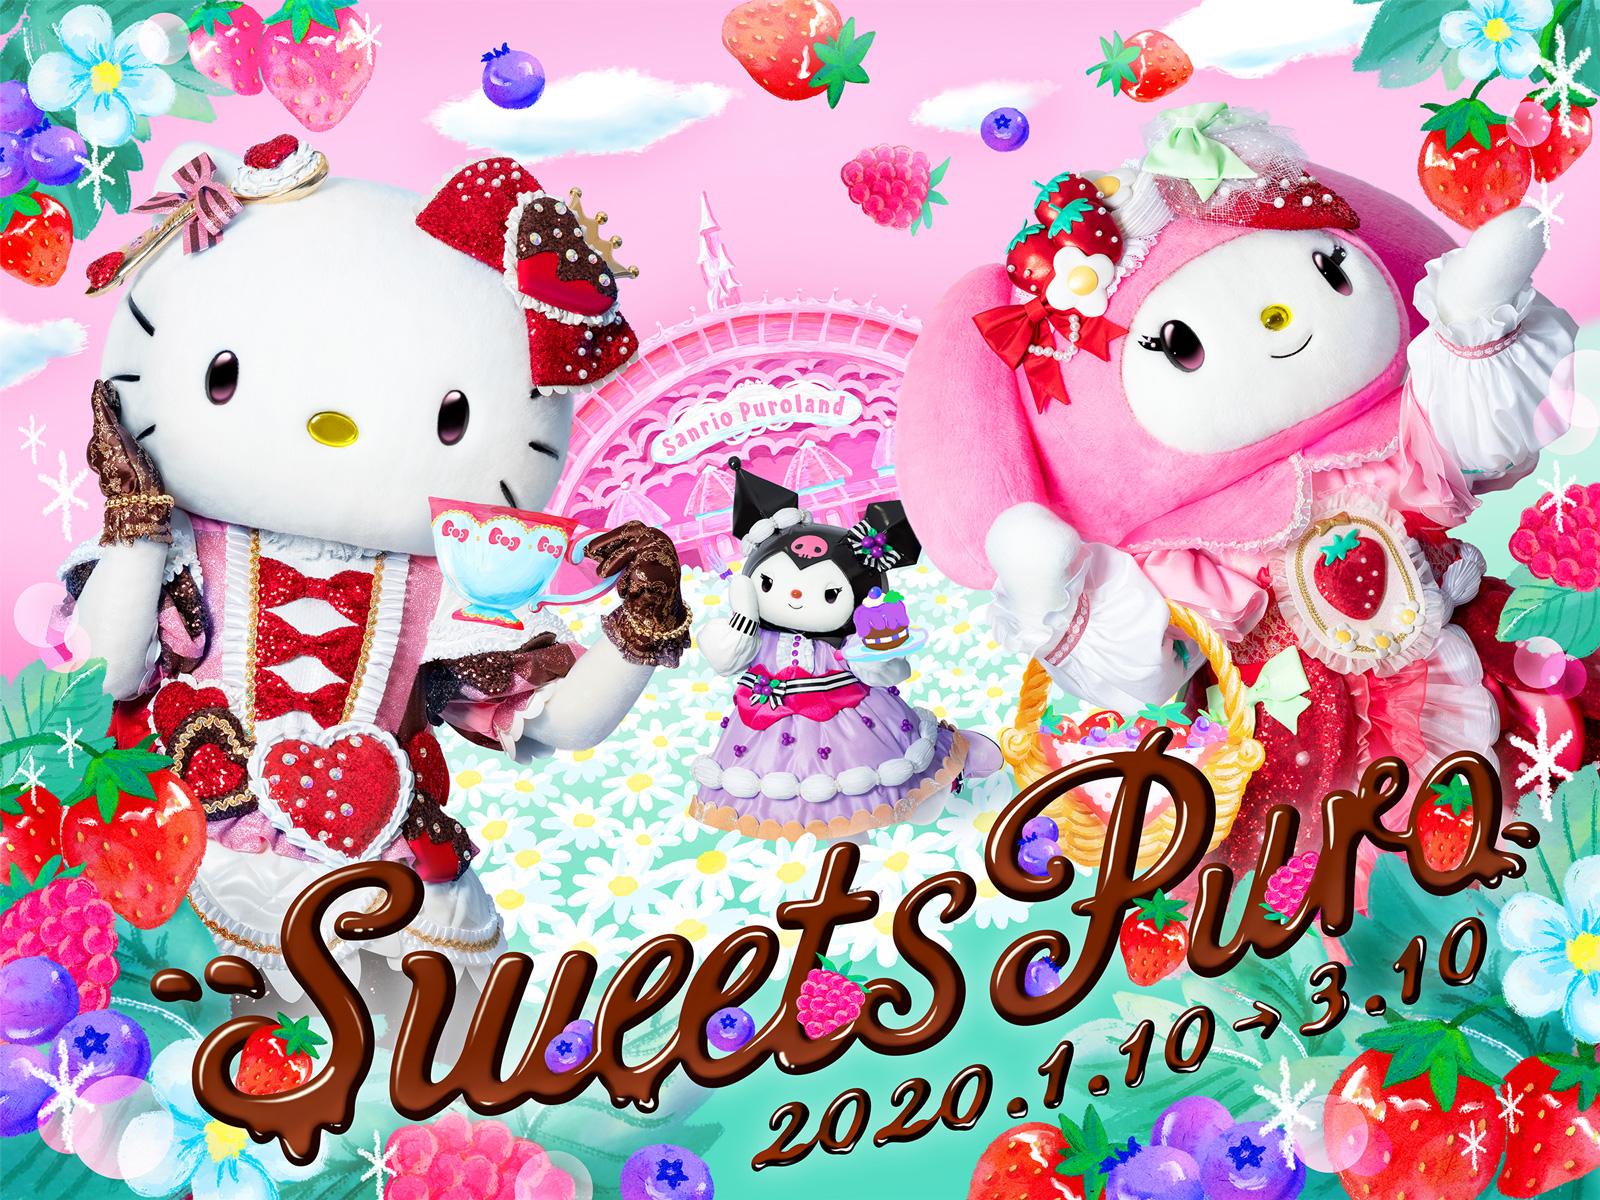 ベリー尽くしのピューロランド🍓💕「スイーツピューロ~very berry sweets パーティ~」2020年1月10日(金)より開催🐰🌸